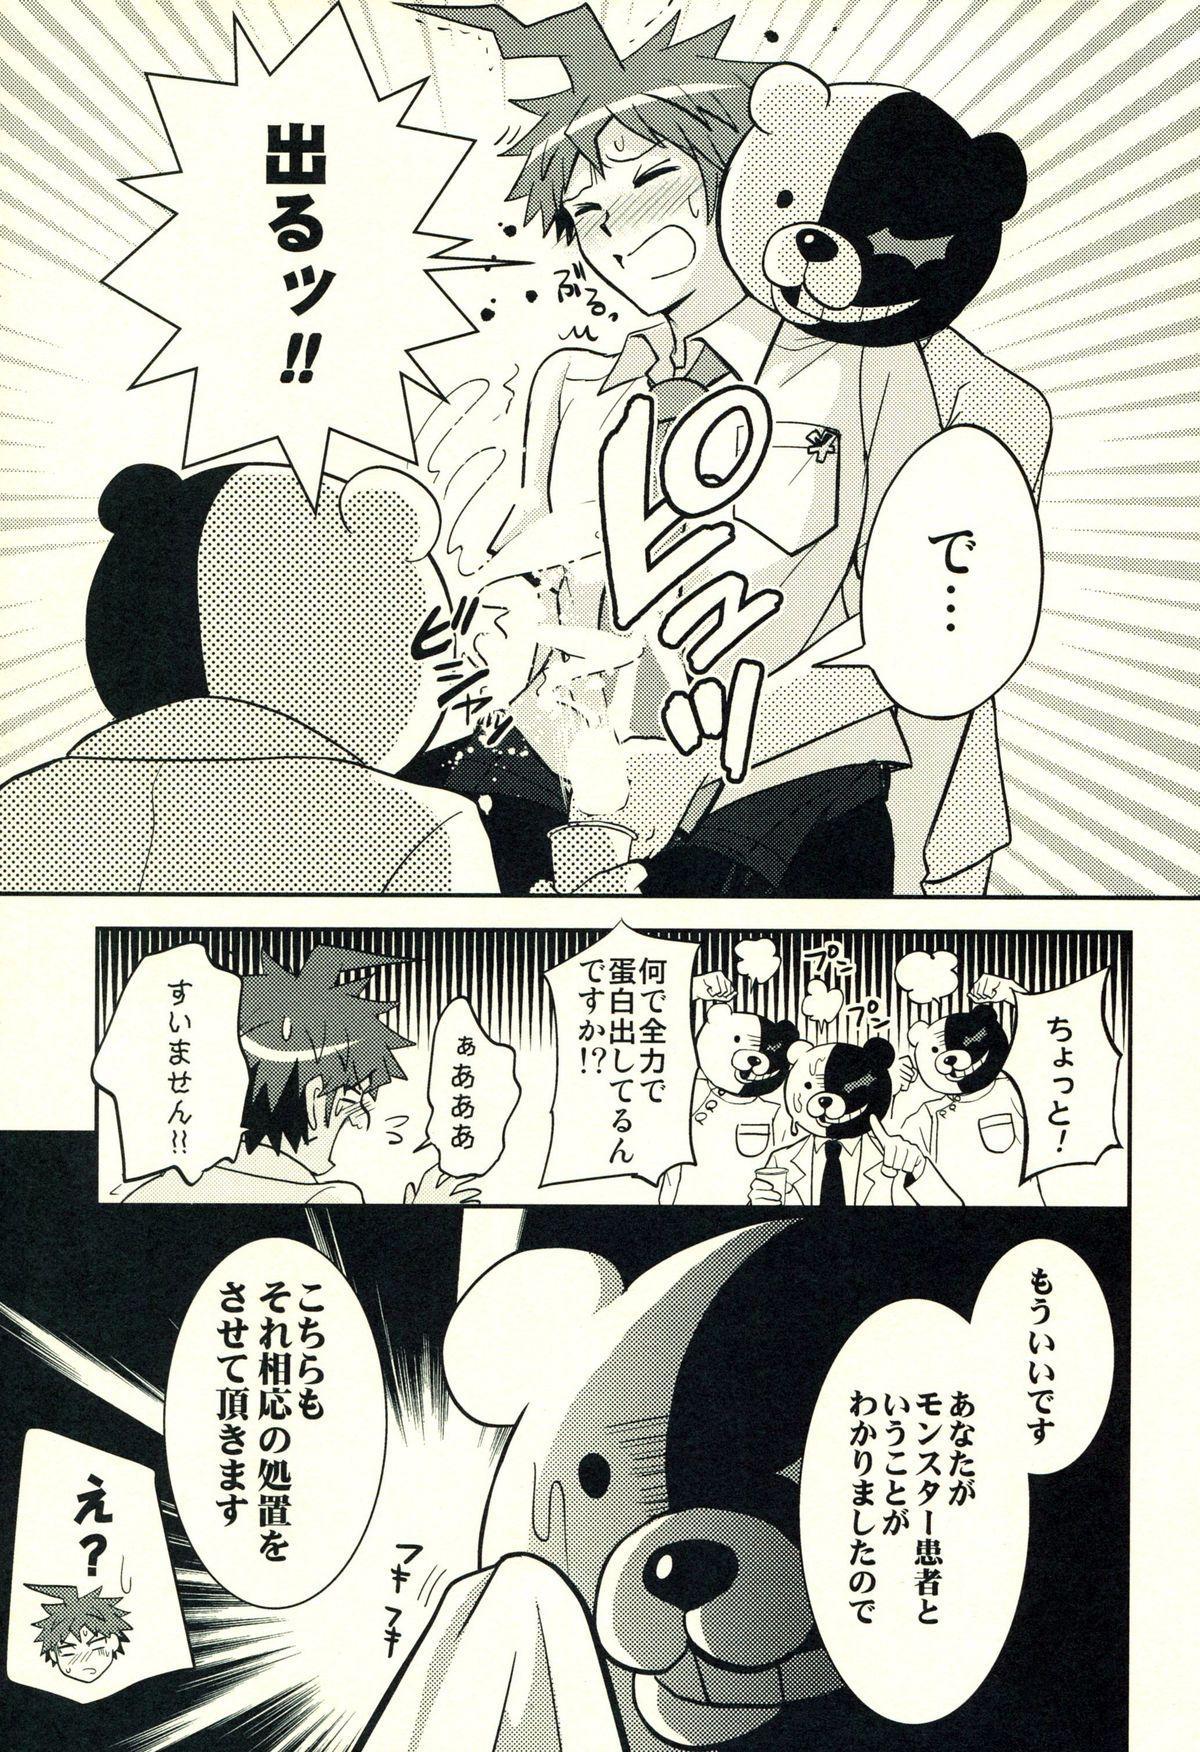 Hinata Hajime no Himitsu no Jikan 51